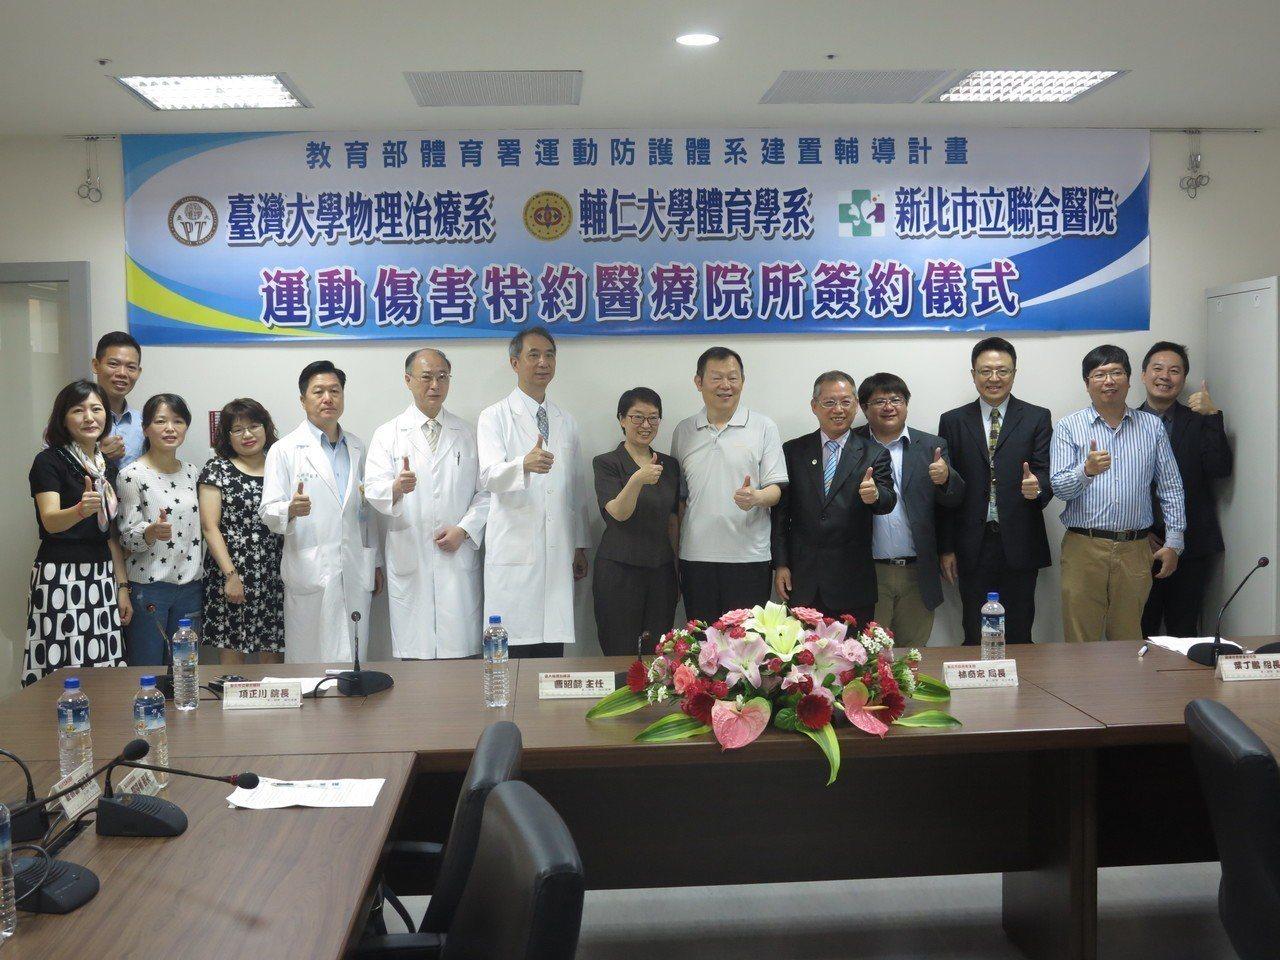 新北聯合醫院與台大、輔大一同簽署運動傷害特約醫療院所合作意向書。圖/新北聯醫提供